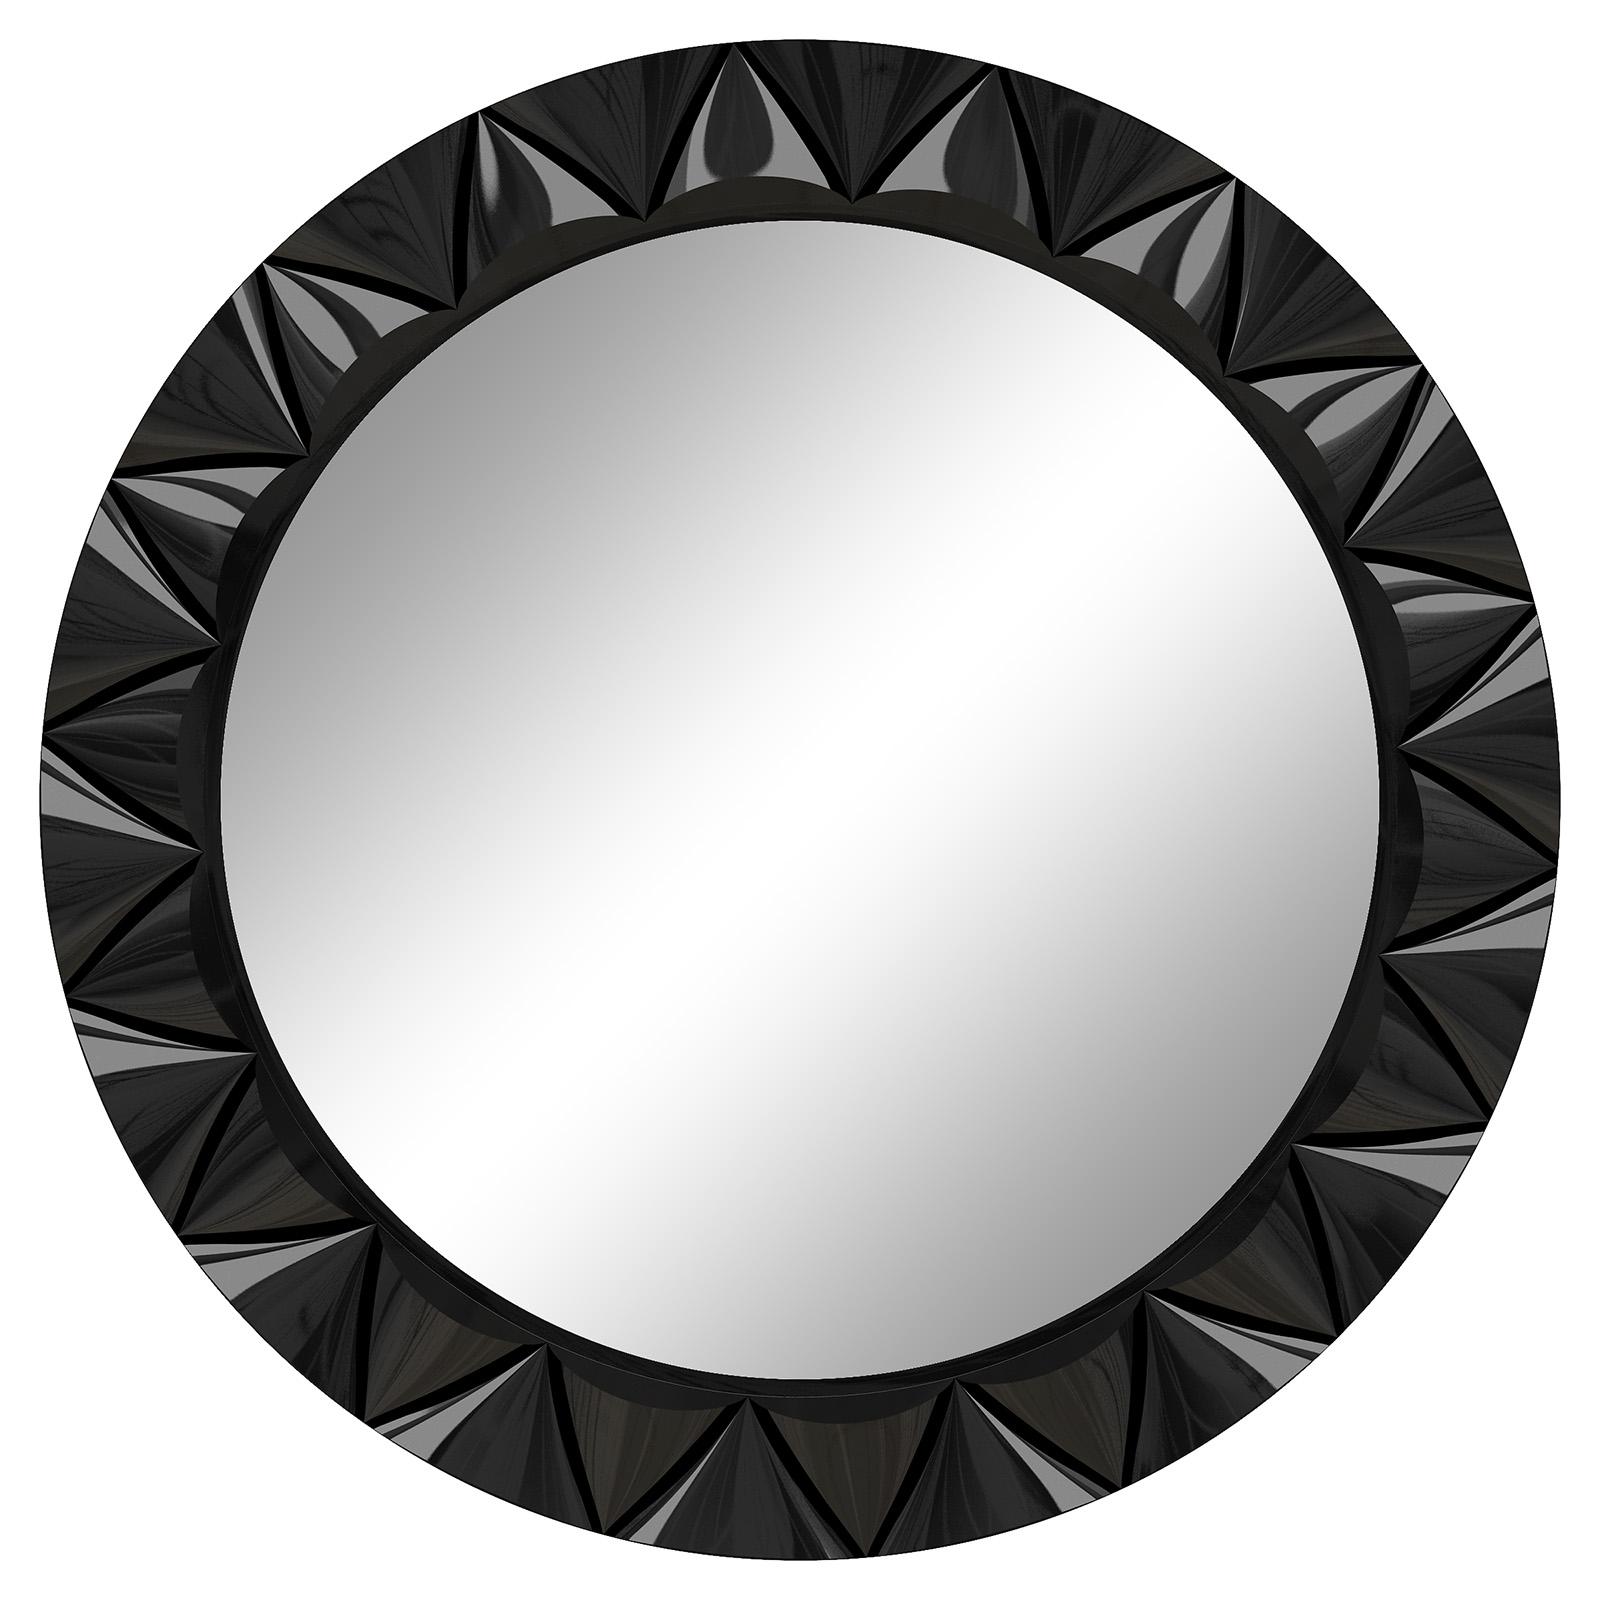 совсем недавно картинка зеркало круглое это единственная